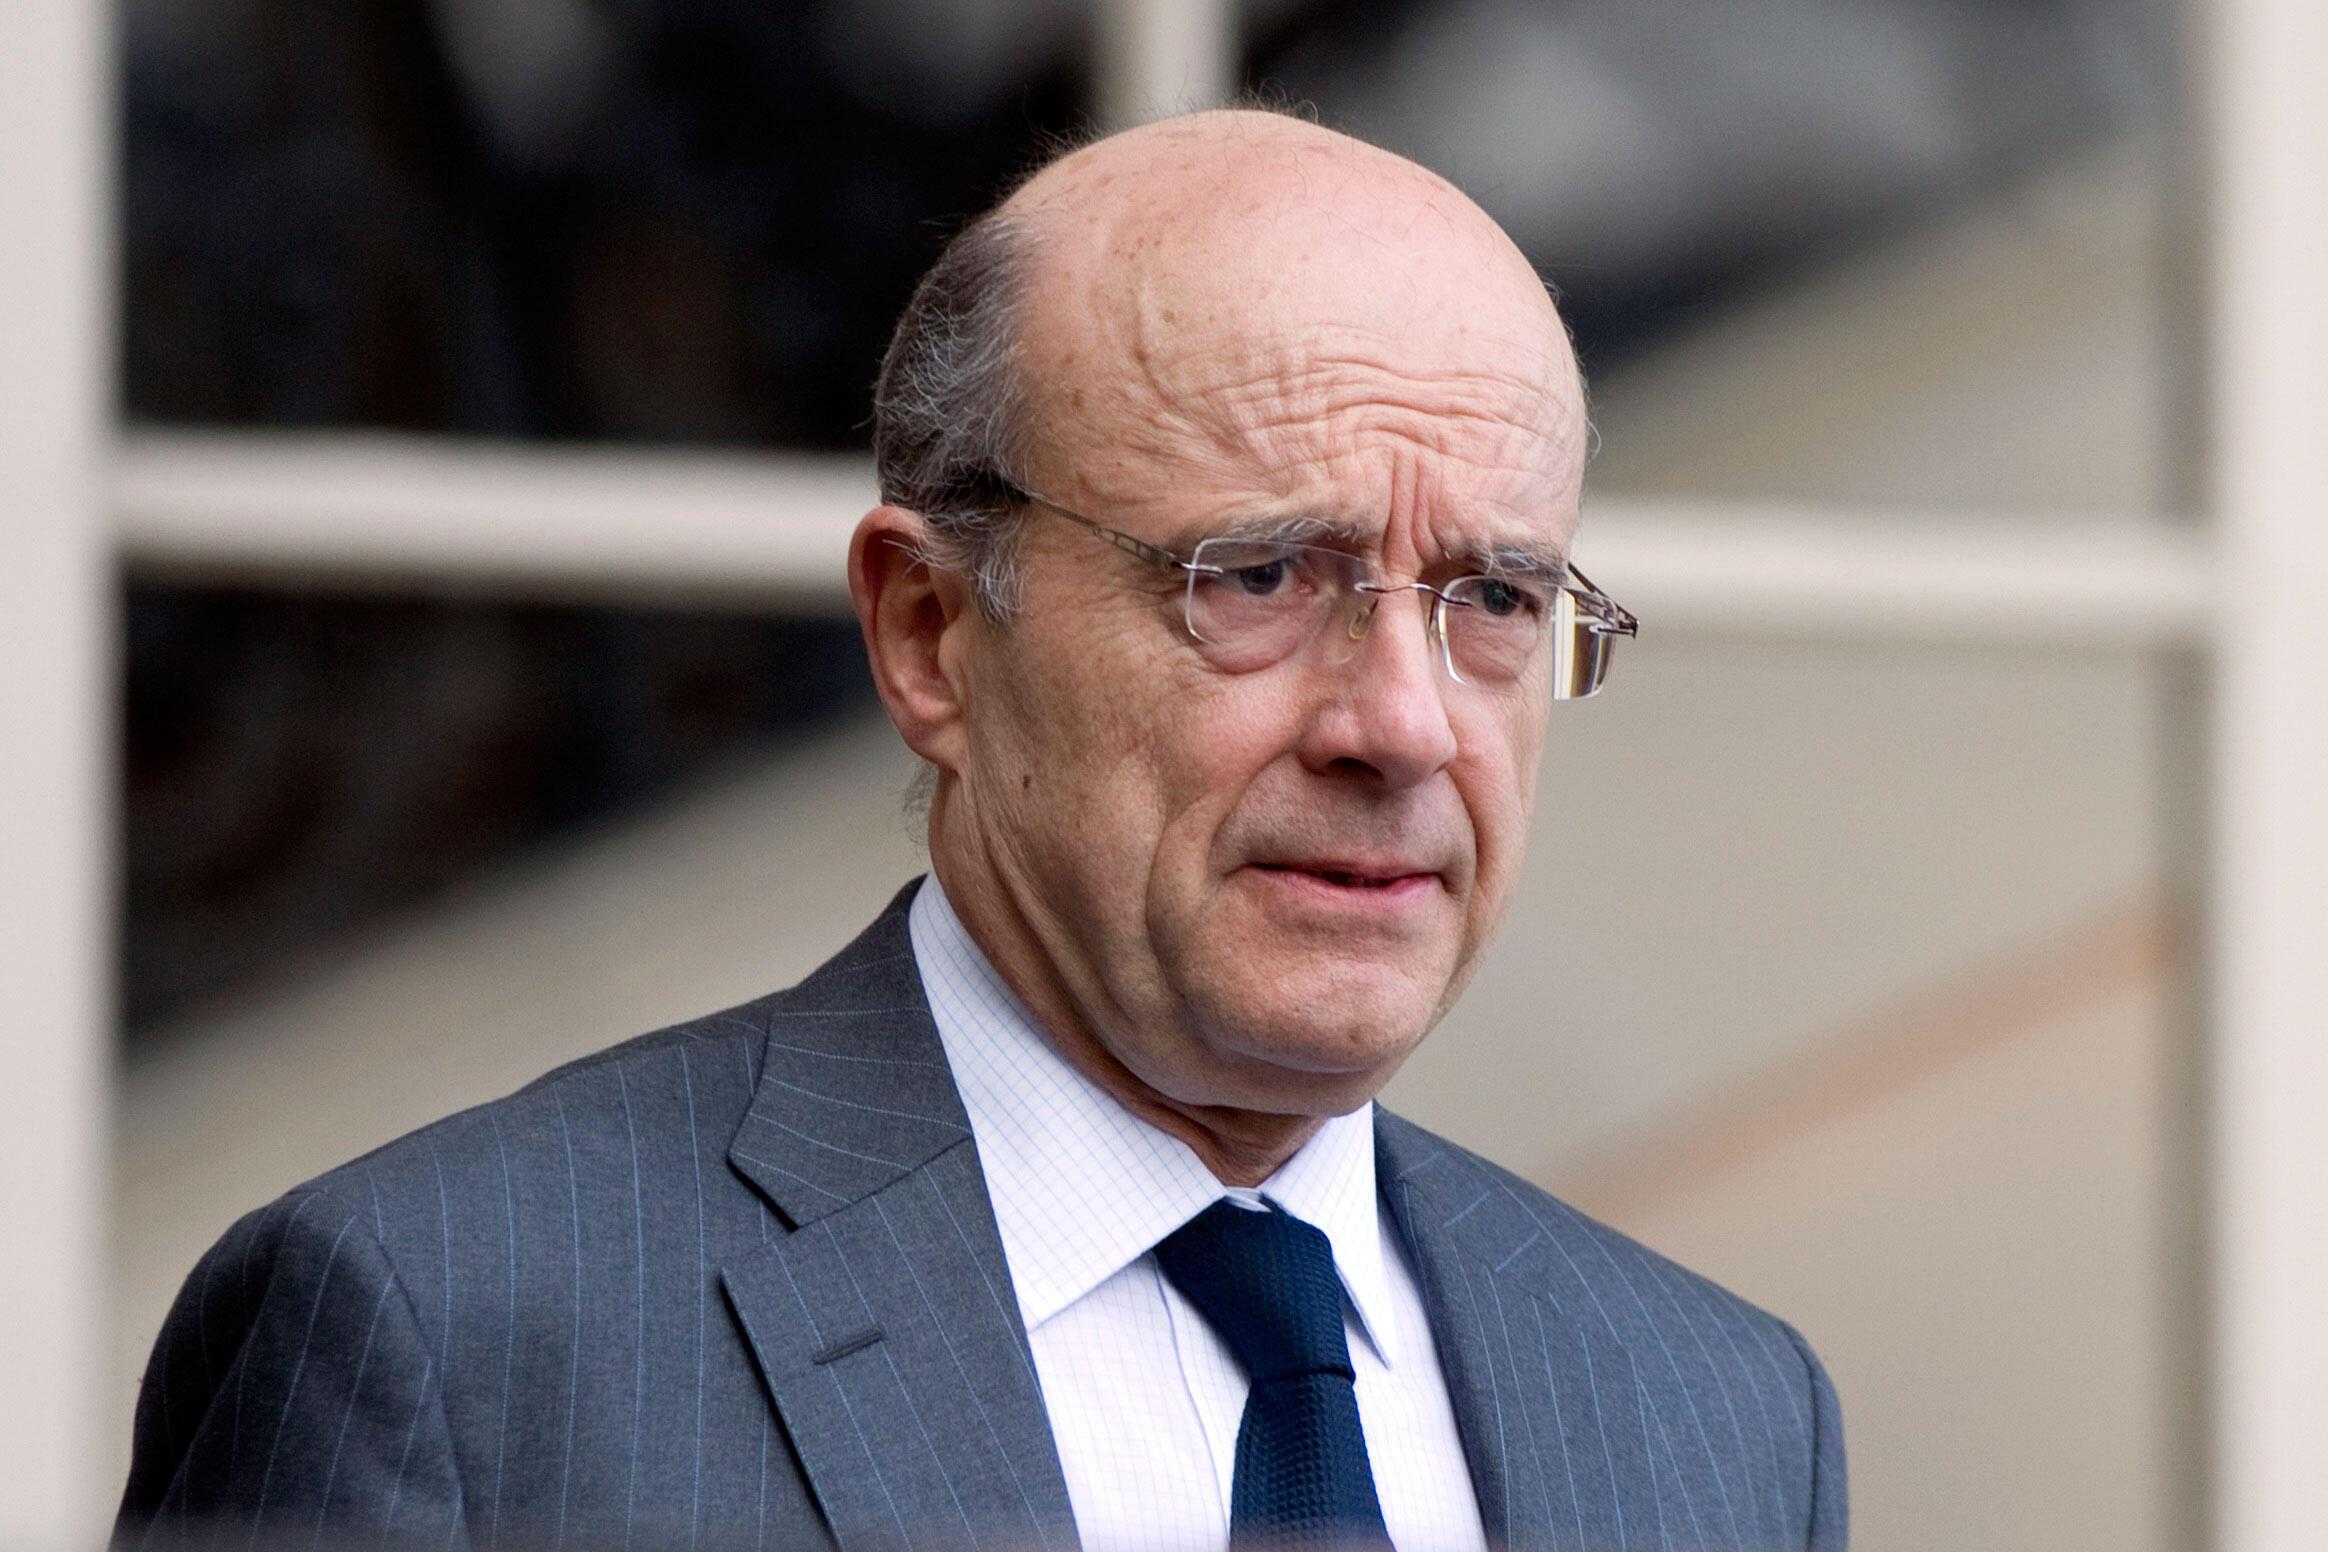 Si elle avait lieu aujourd'hui, Alain Juppé battrait largement Nicolas Sarkozy dans une primaire en vue de l'élection présidentielle de 2017, selon un sondage Odoxa pour Le Parisien daté du 24 mai 2015.